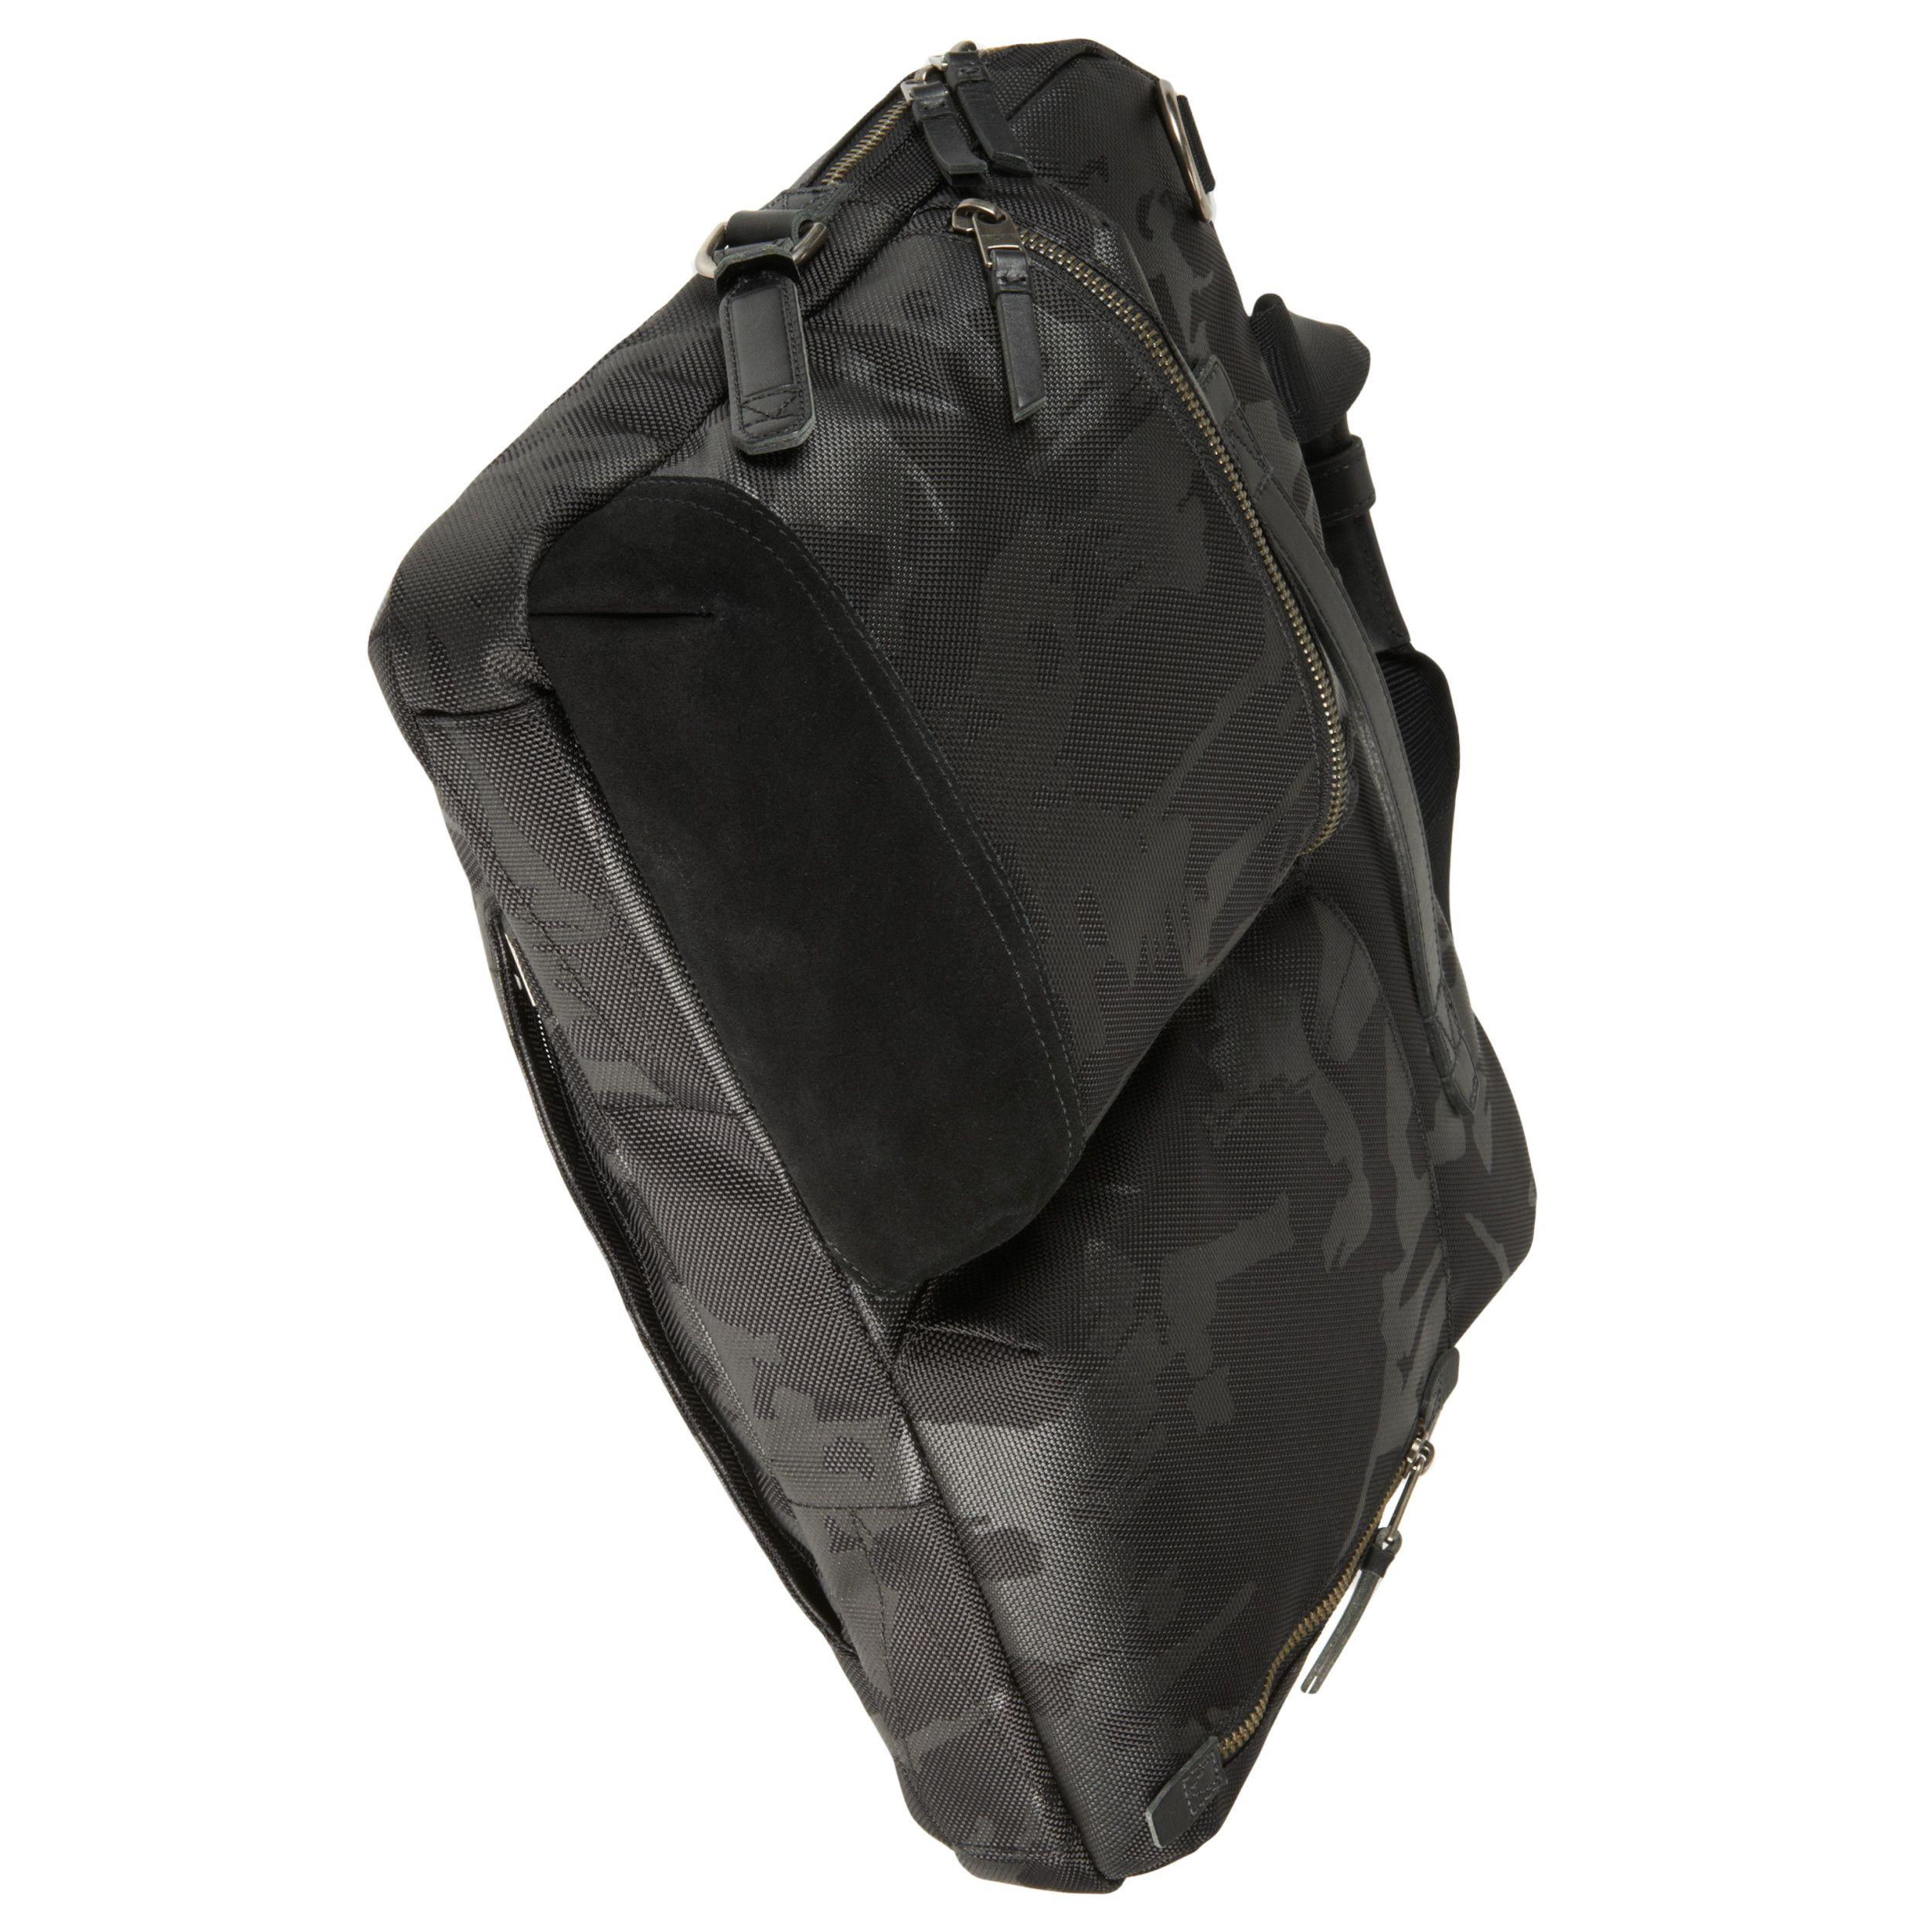 tumi dalston acer schmale aktentasche 40 cm 15 kaufen bei markenkoffer. Black Bedroom Furniture Sets. Home Design Ideas